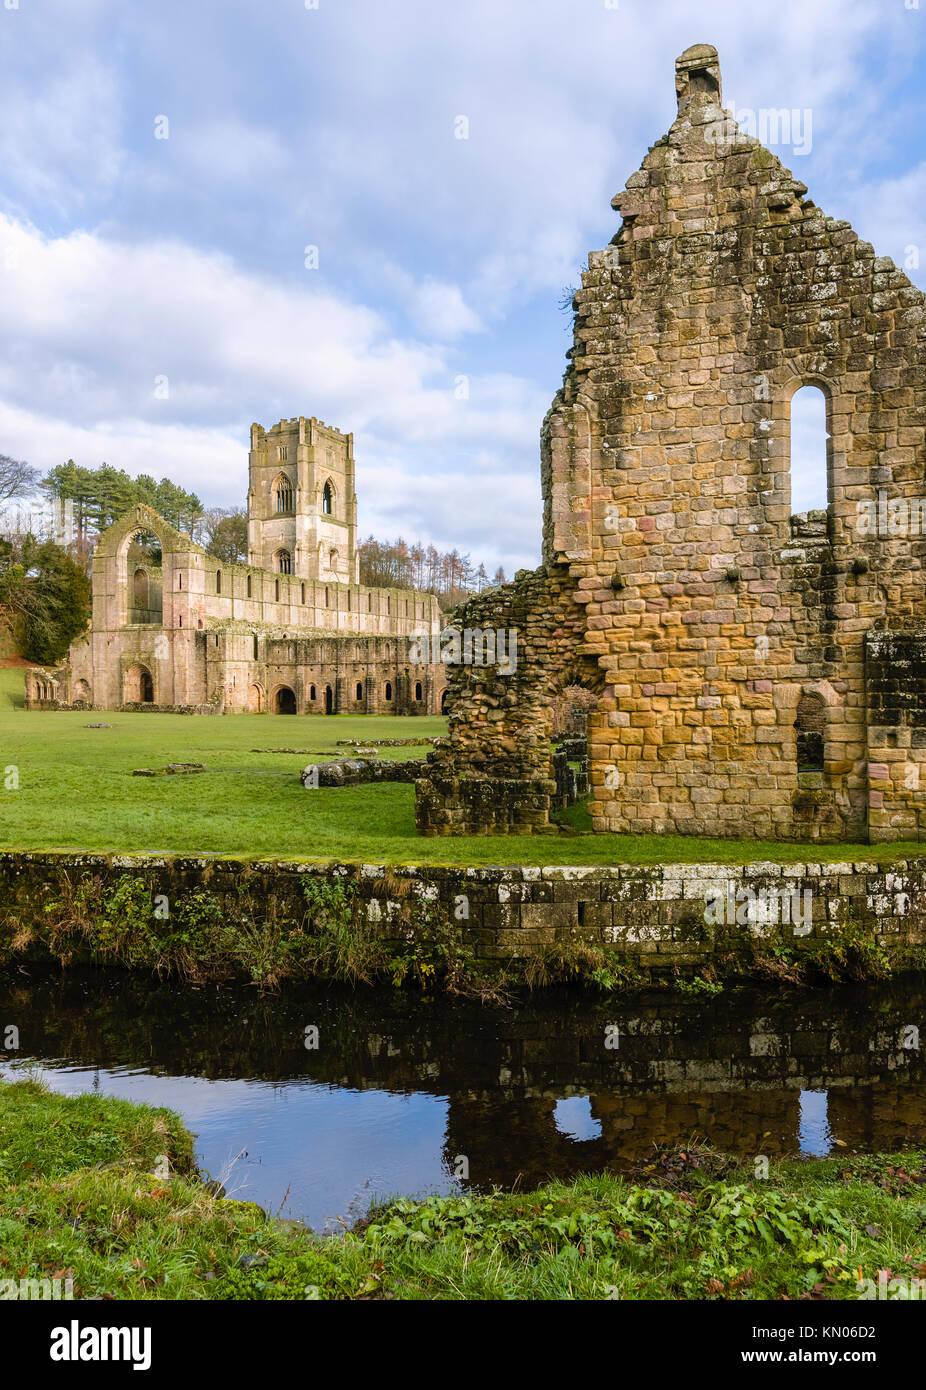 Les ruines de l'abbaye de Fountains sur un matin d'automne, vue de l'autre côté de la rivière Photo Stock